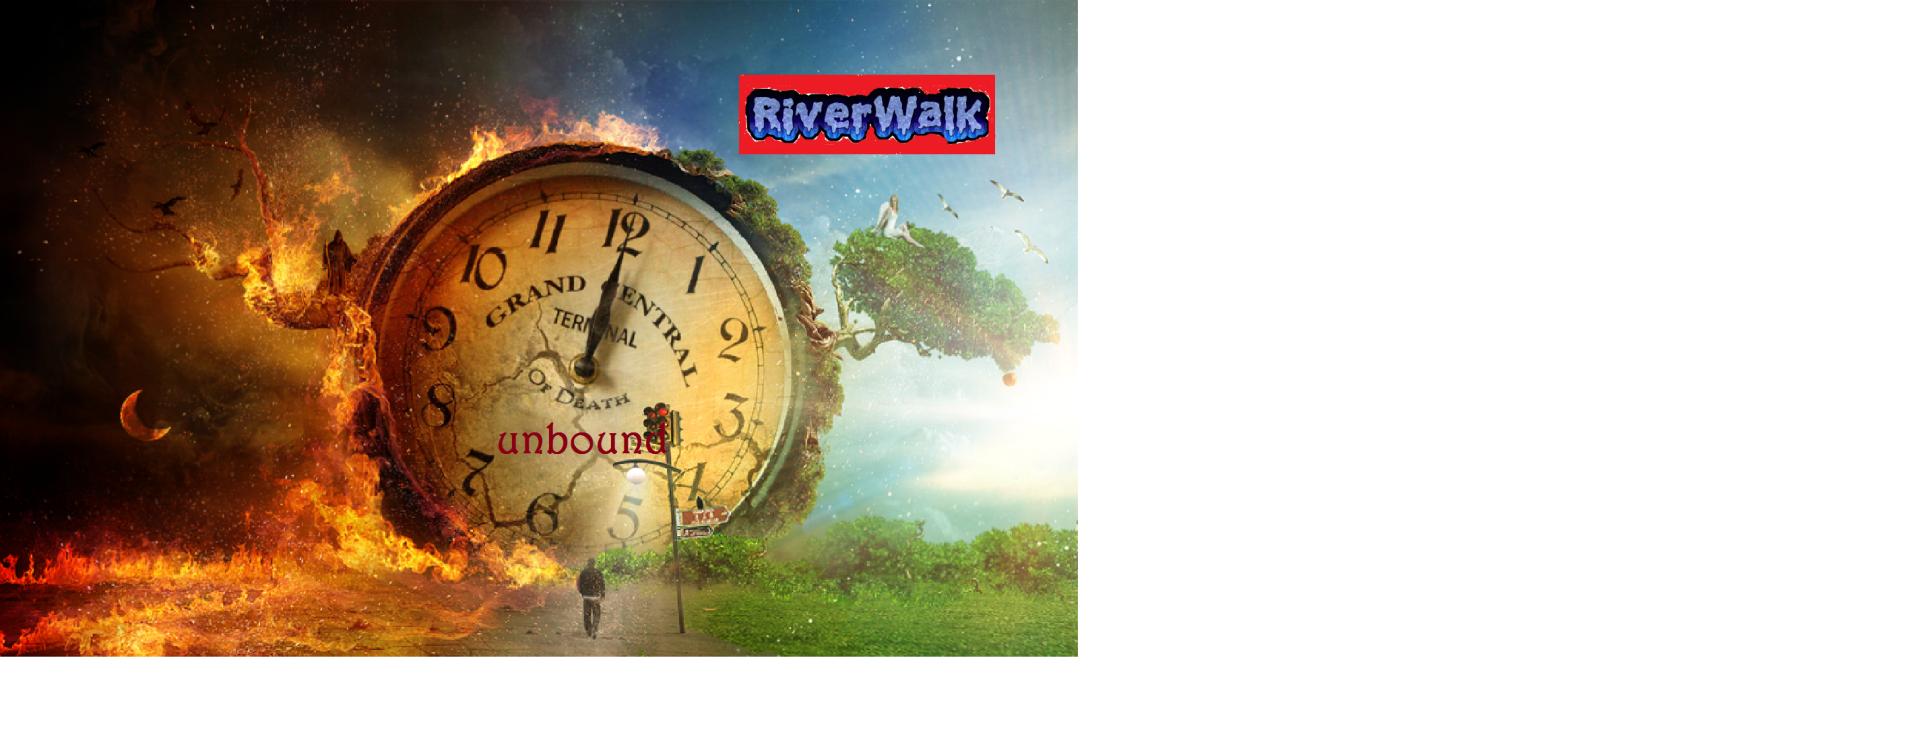 1454274188 unbound ep riverwalk cover album copy